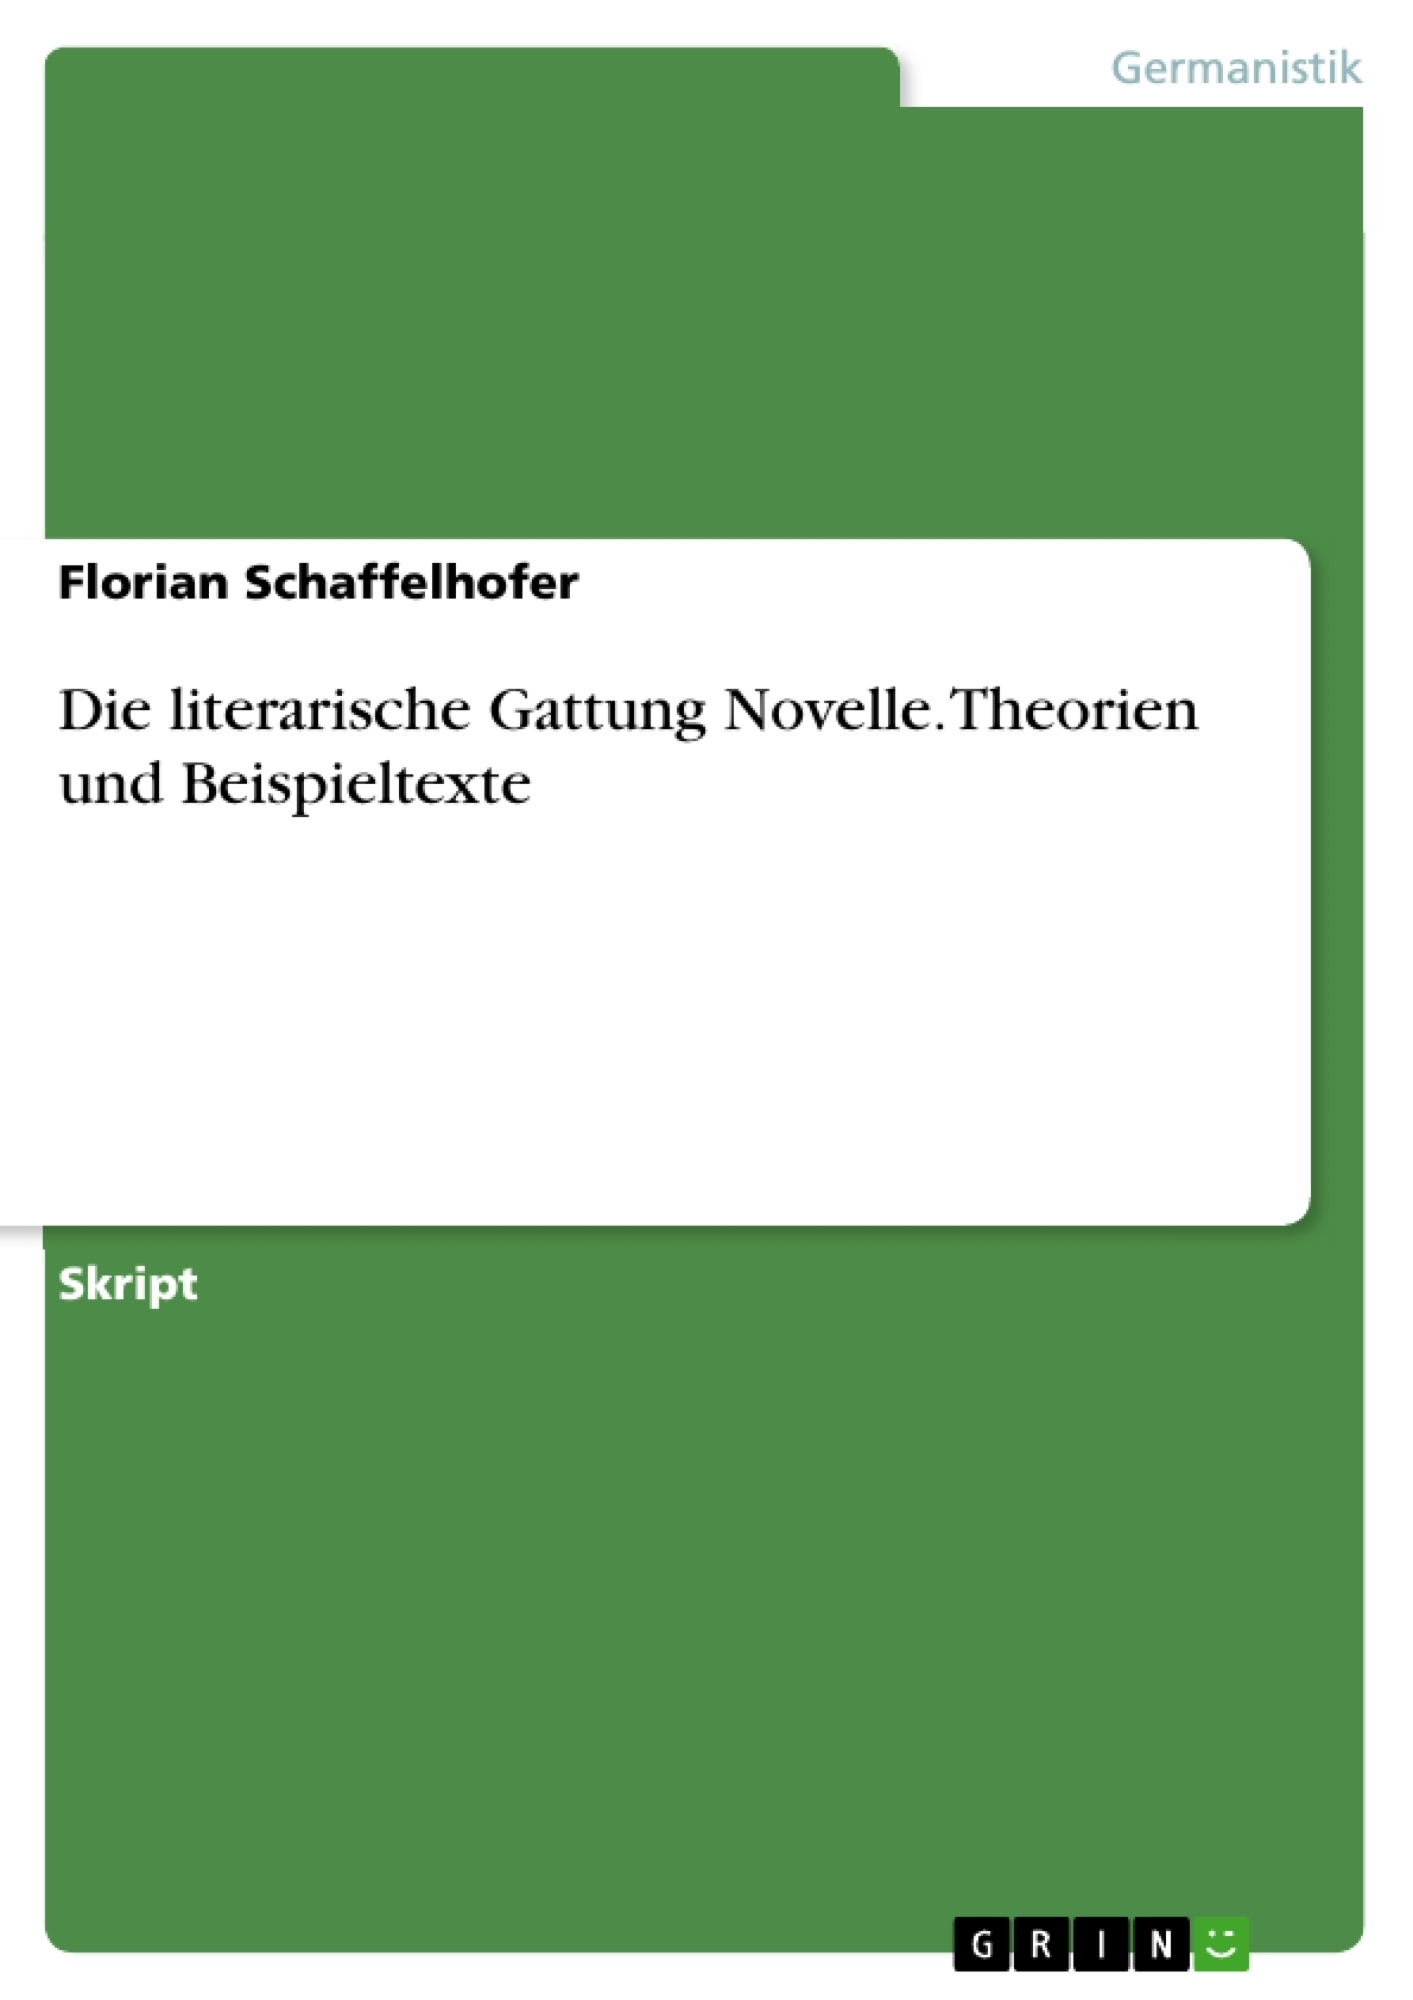 Titel: Die literarische Gattung Novelle. Theorien und Beispieltexte